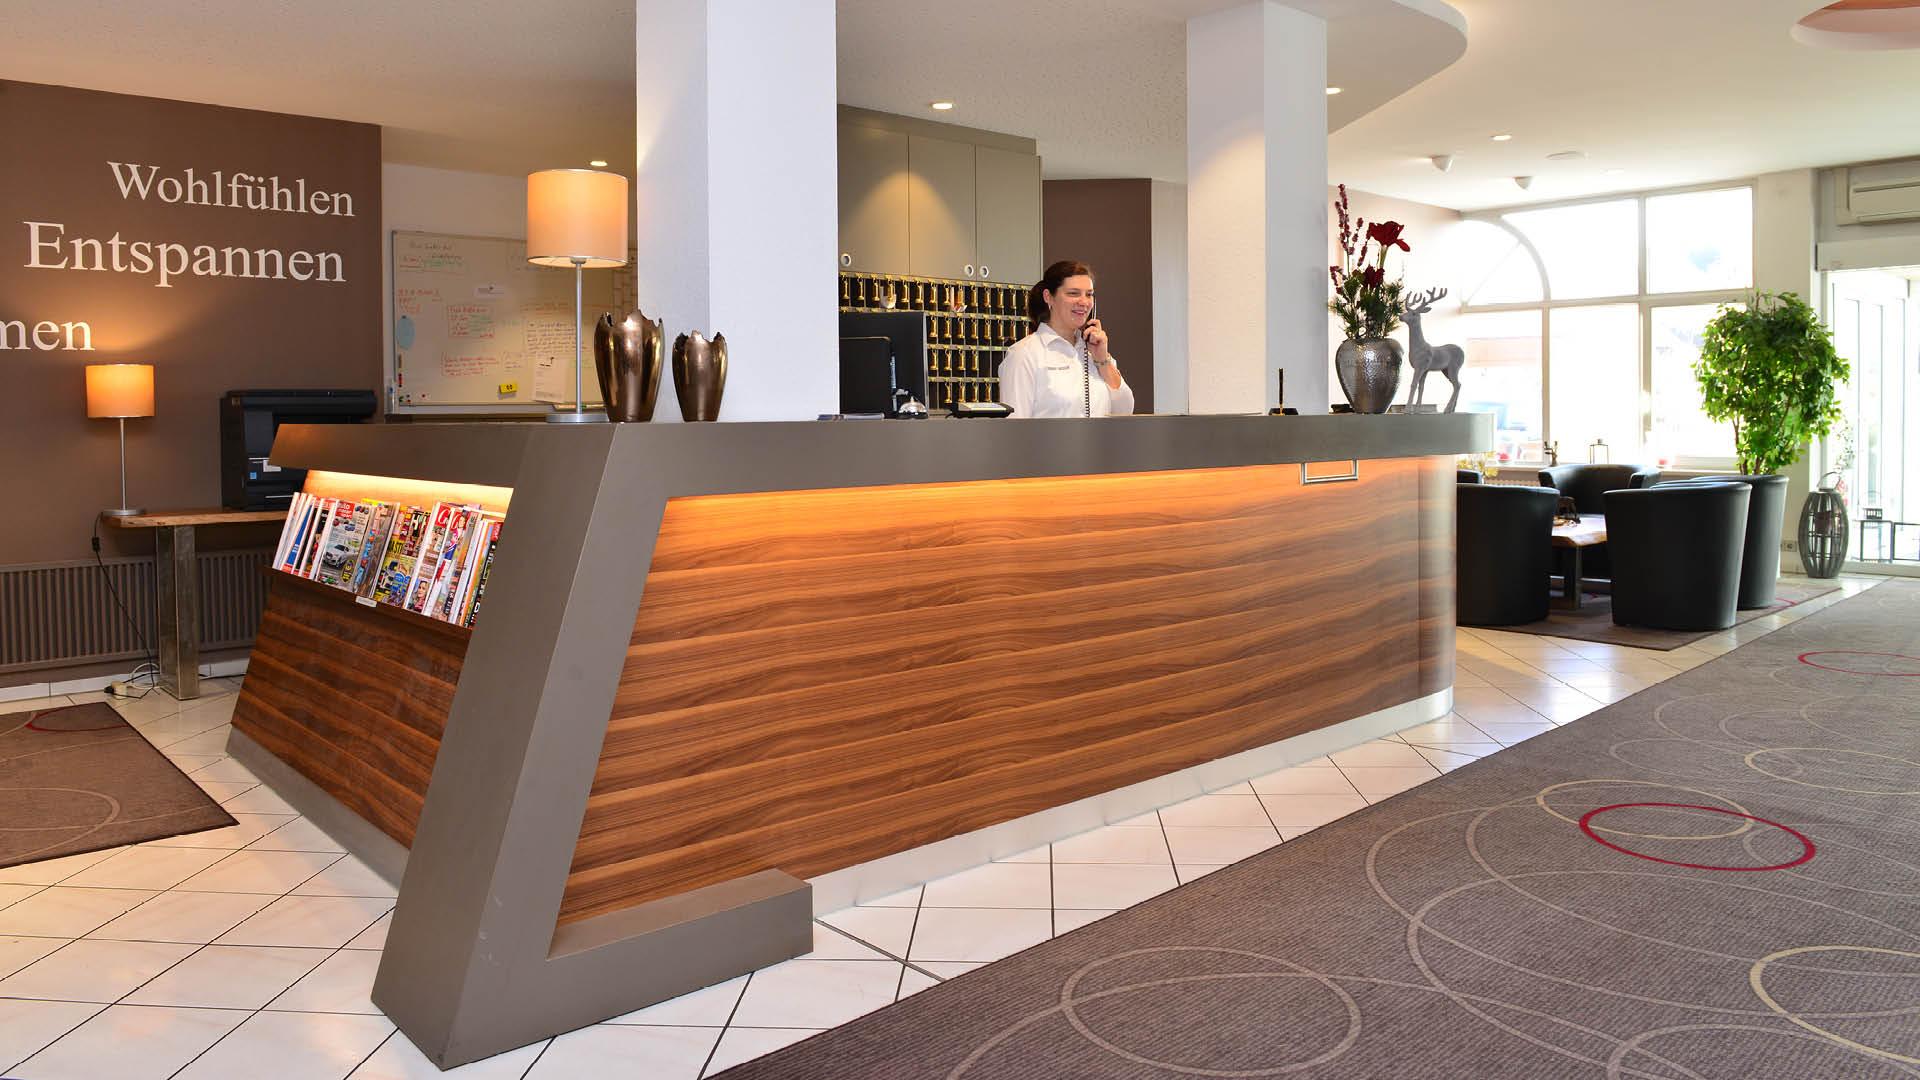 Miller-Ladenbau Hotel Lobinger 02 1920x1080